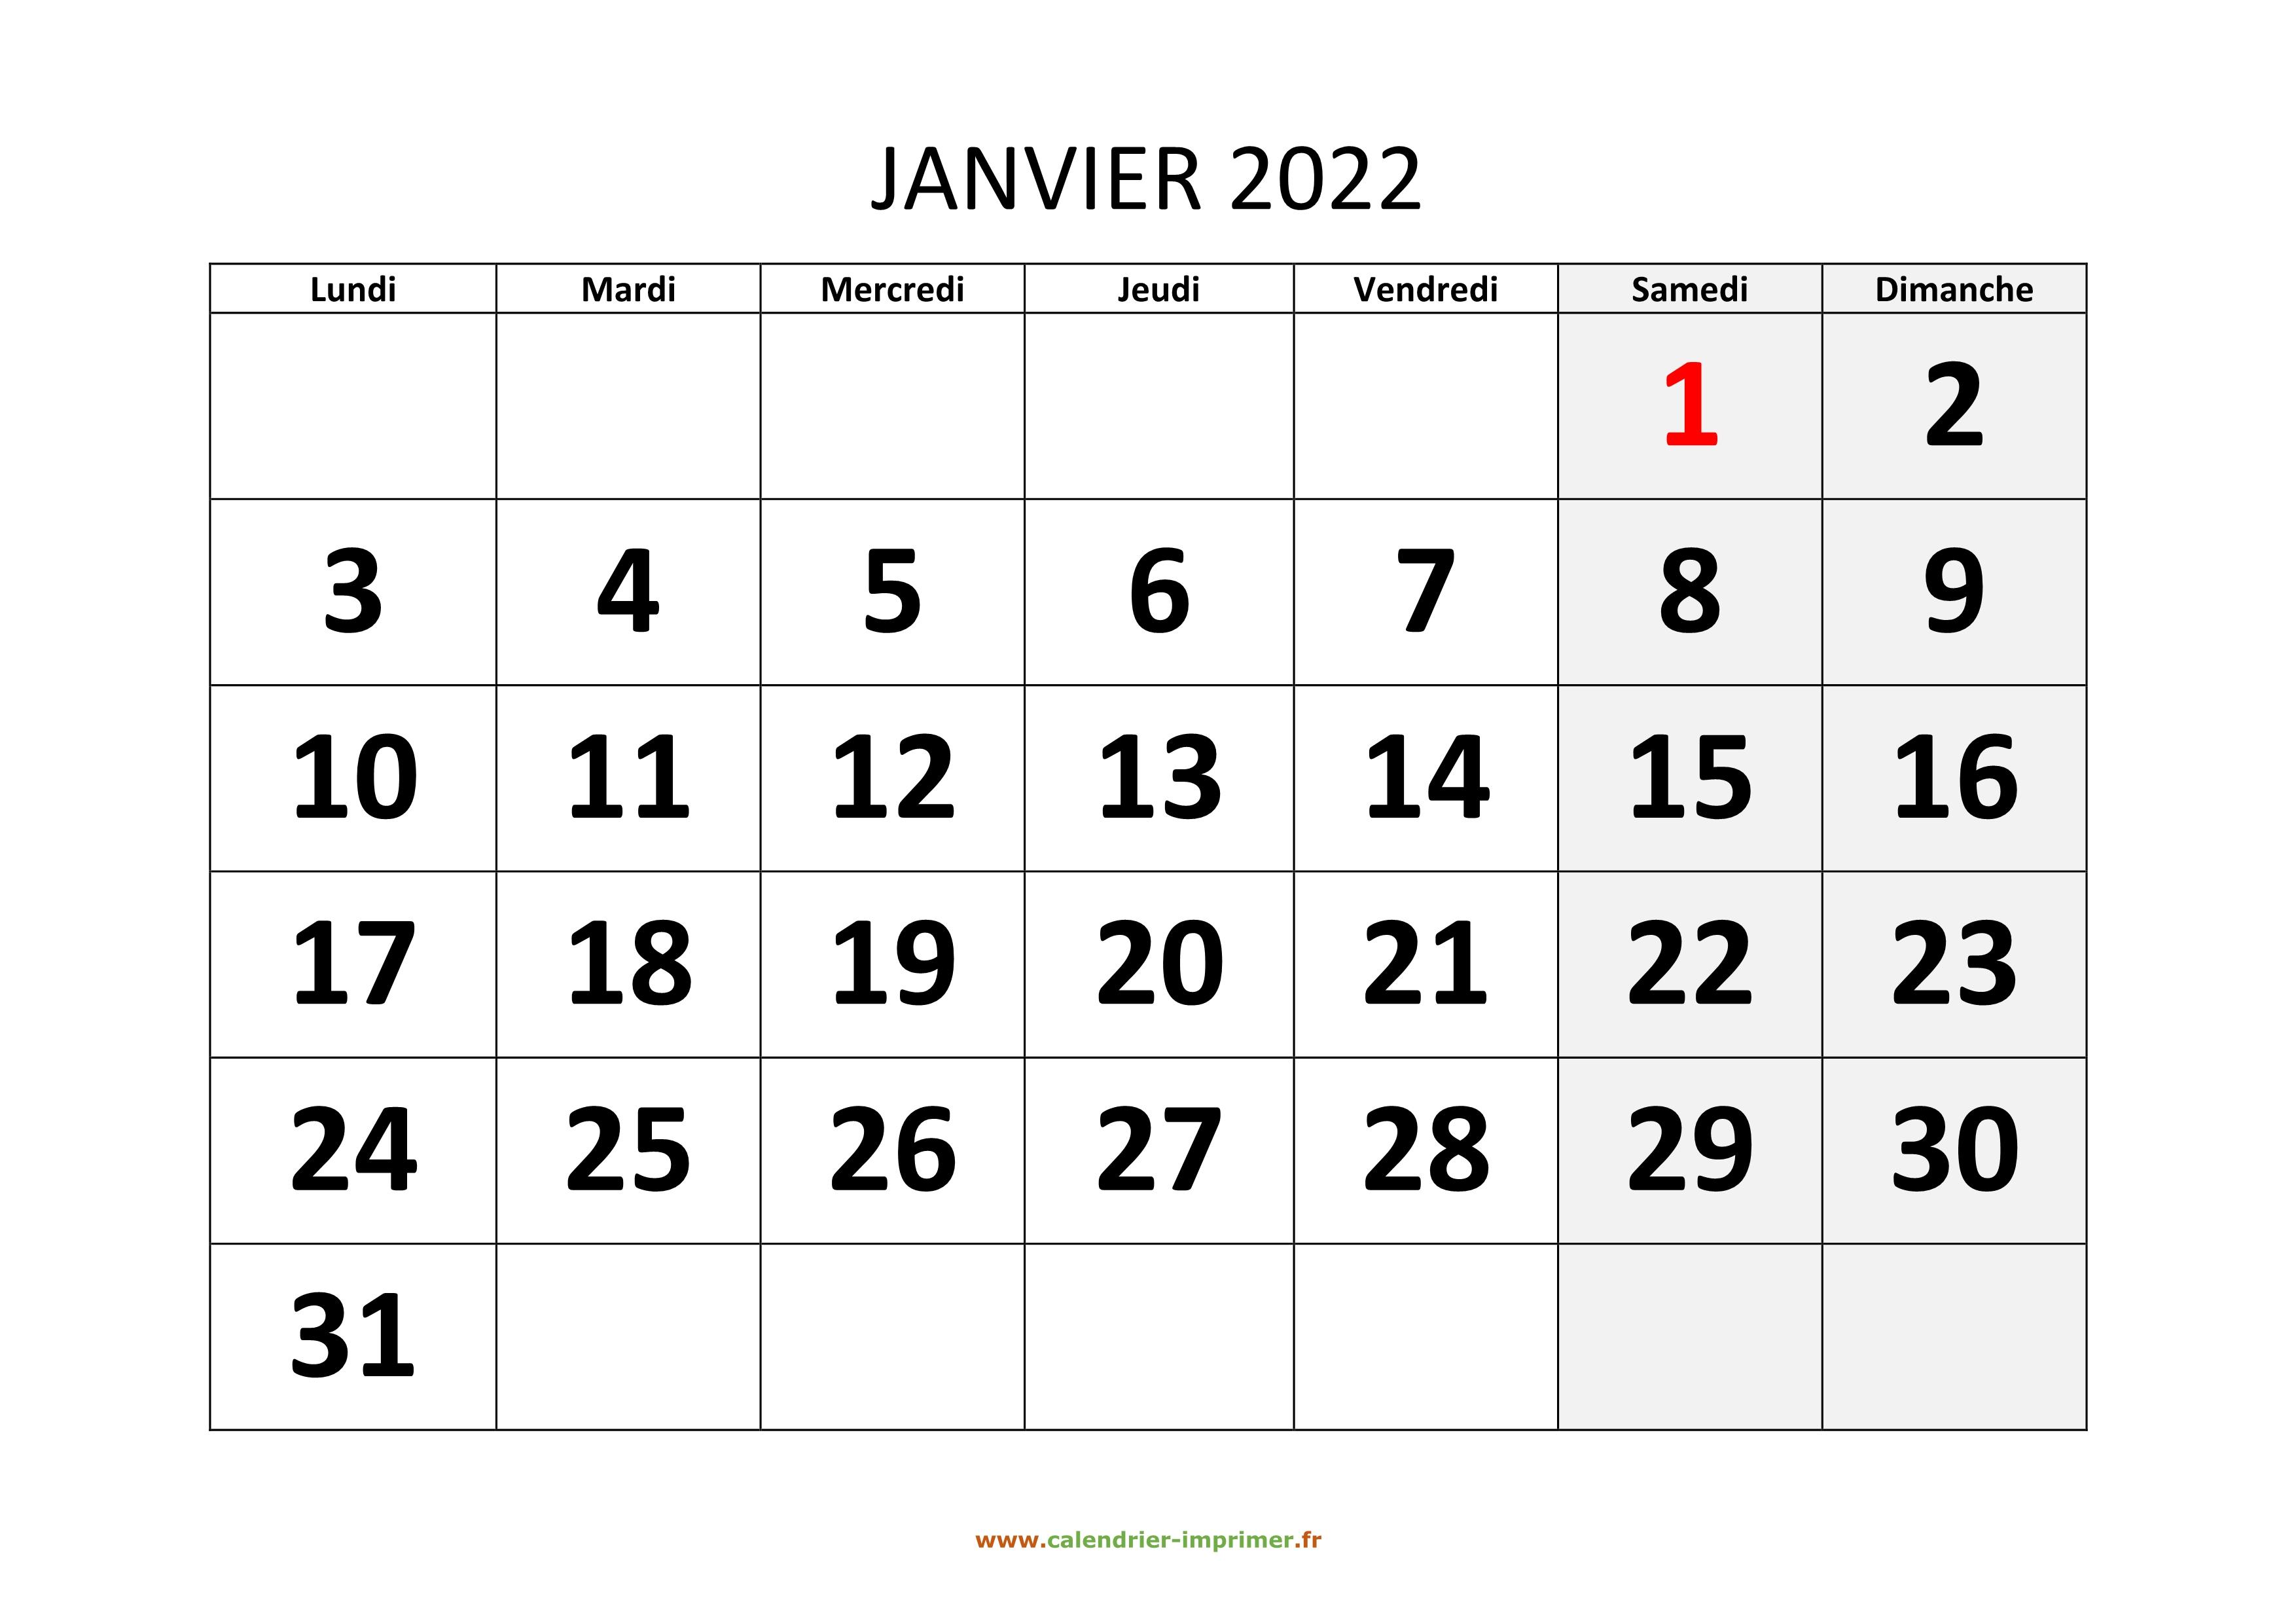 Calendrier De Janvier 2022 Calendrier Janvier 2022 à imprimer